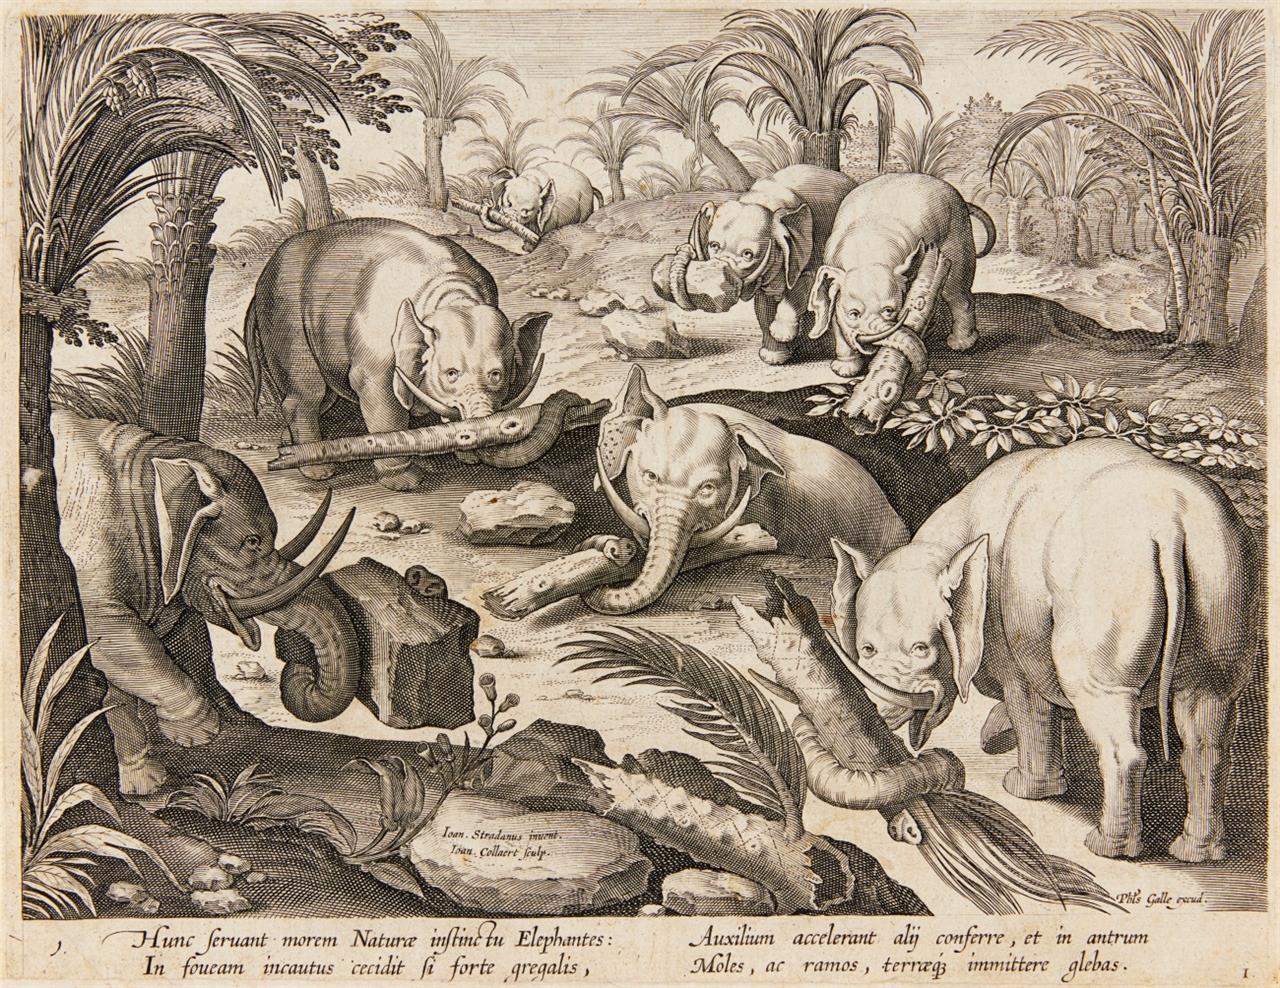 Jan Collaert nach Stradanus. Elefanten helfen sich aus einer Falle. Kupferstich. New Hollstein 1498 II (von IV).